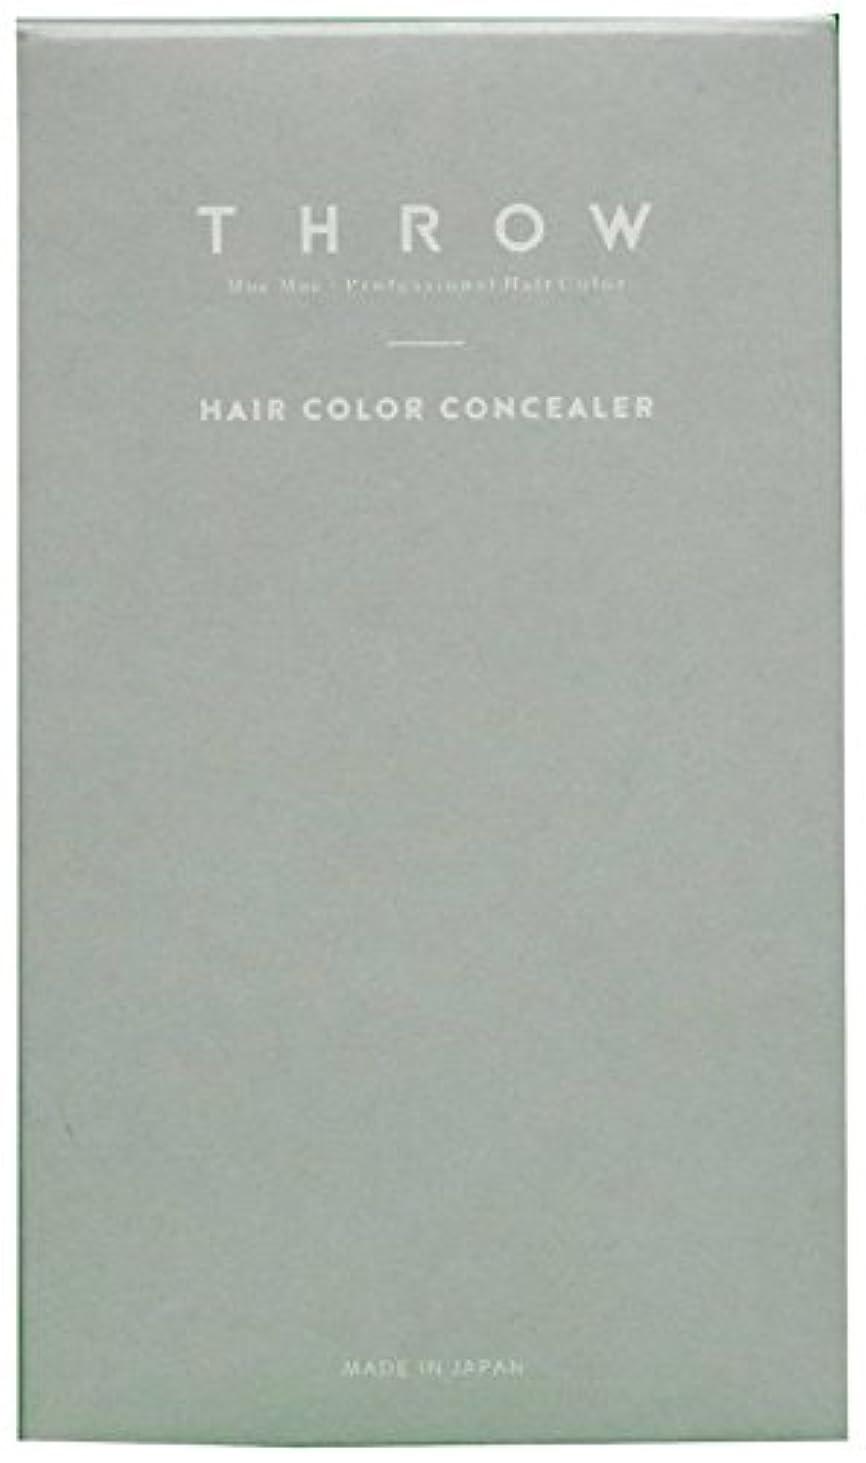 地域のあごひげクルースロウ ヘアカラーコンシーラー(ライトブラウンレギュラー)<毛髪着色料>専用パフ入り